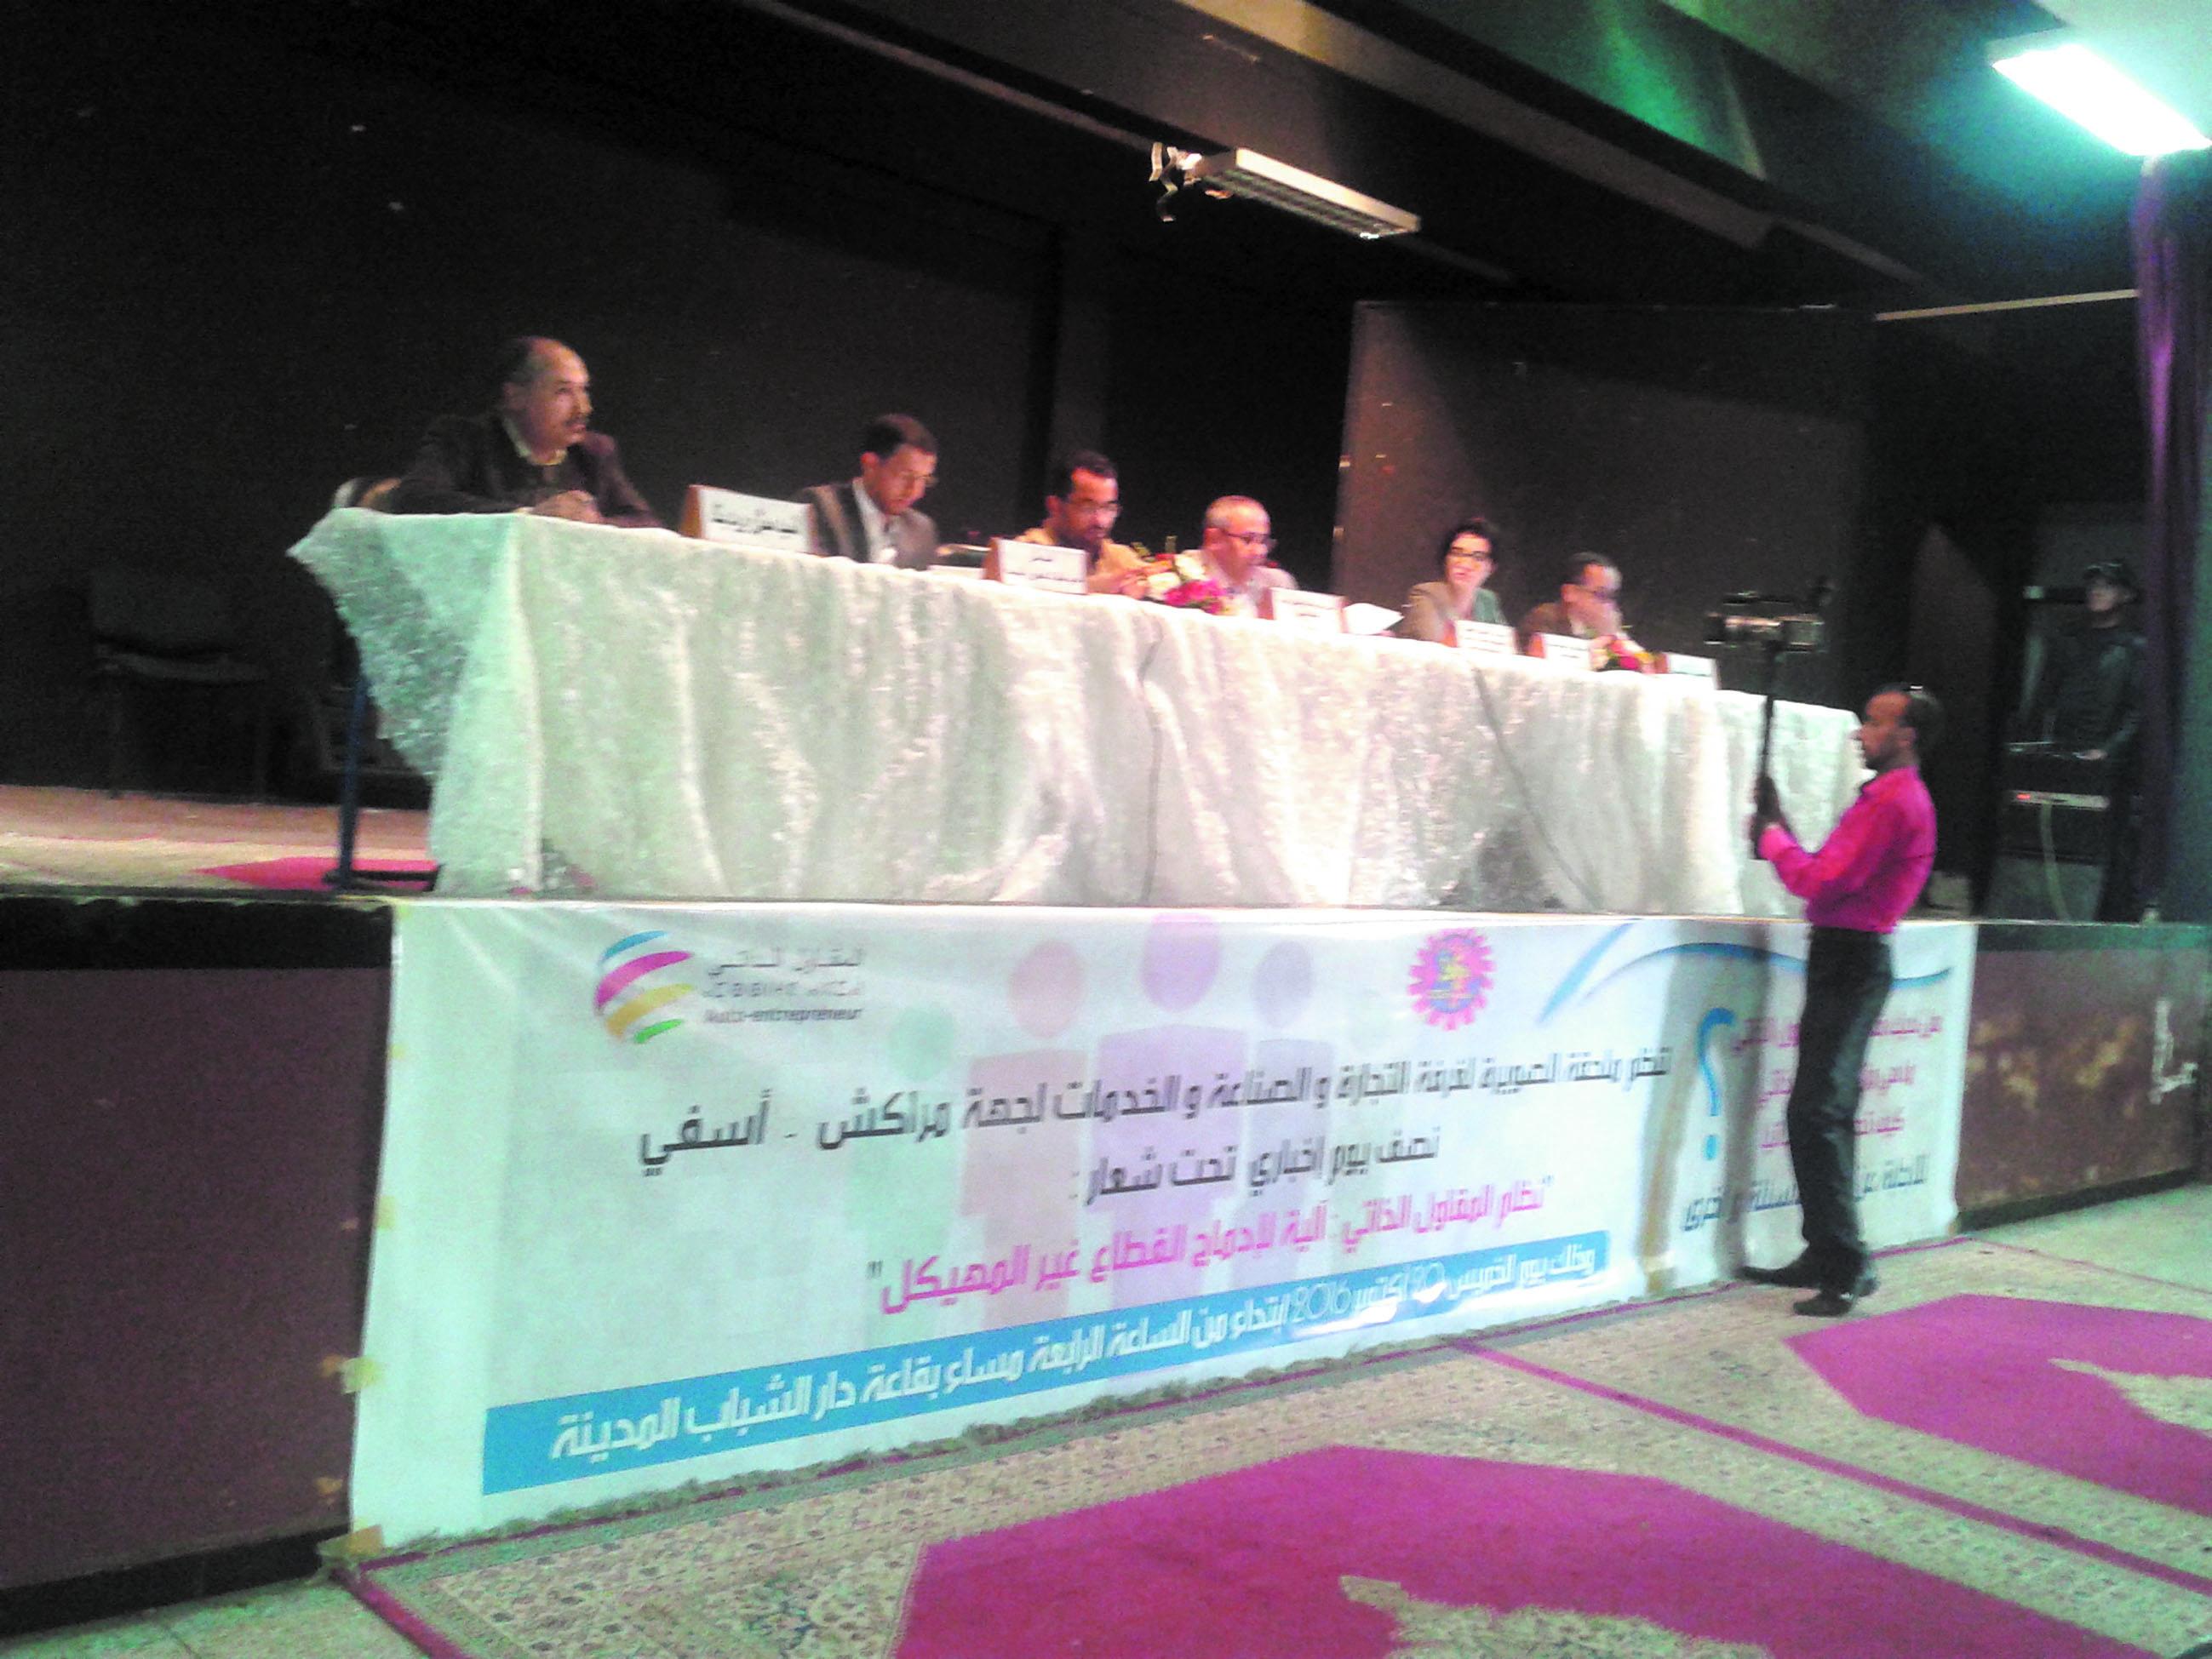 L'auto-entrepreneuriat en débat à Essaouira